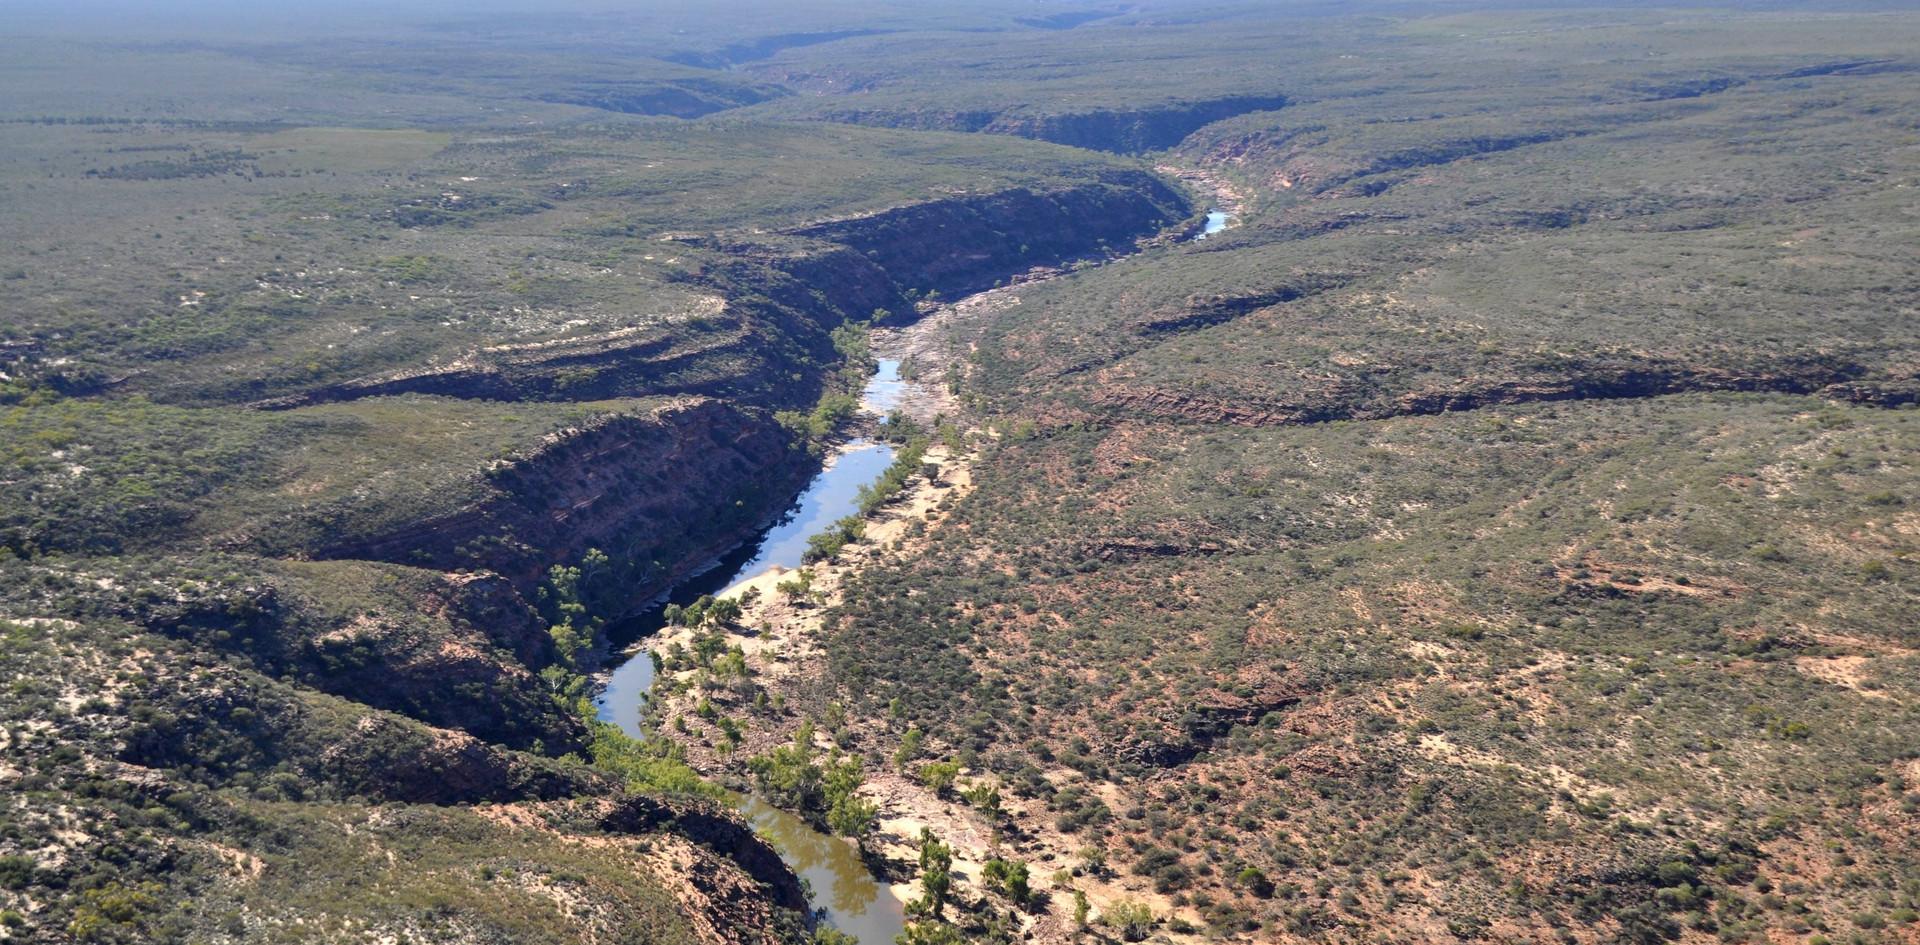 Murchison River Gorges